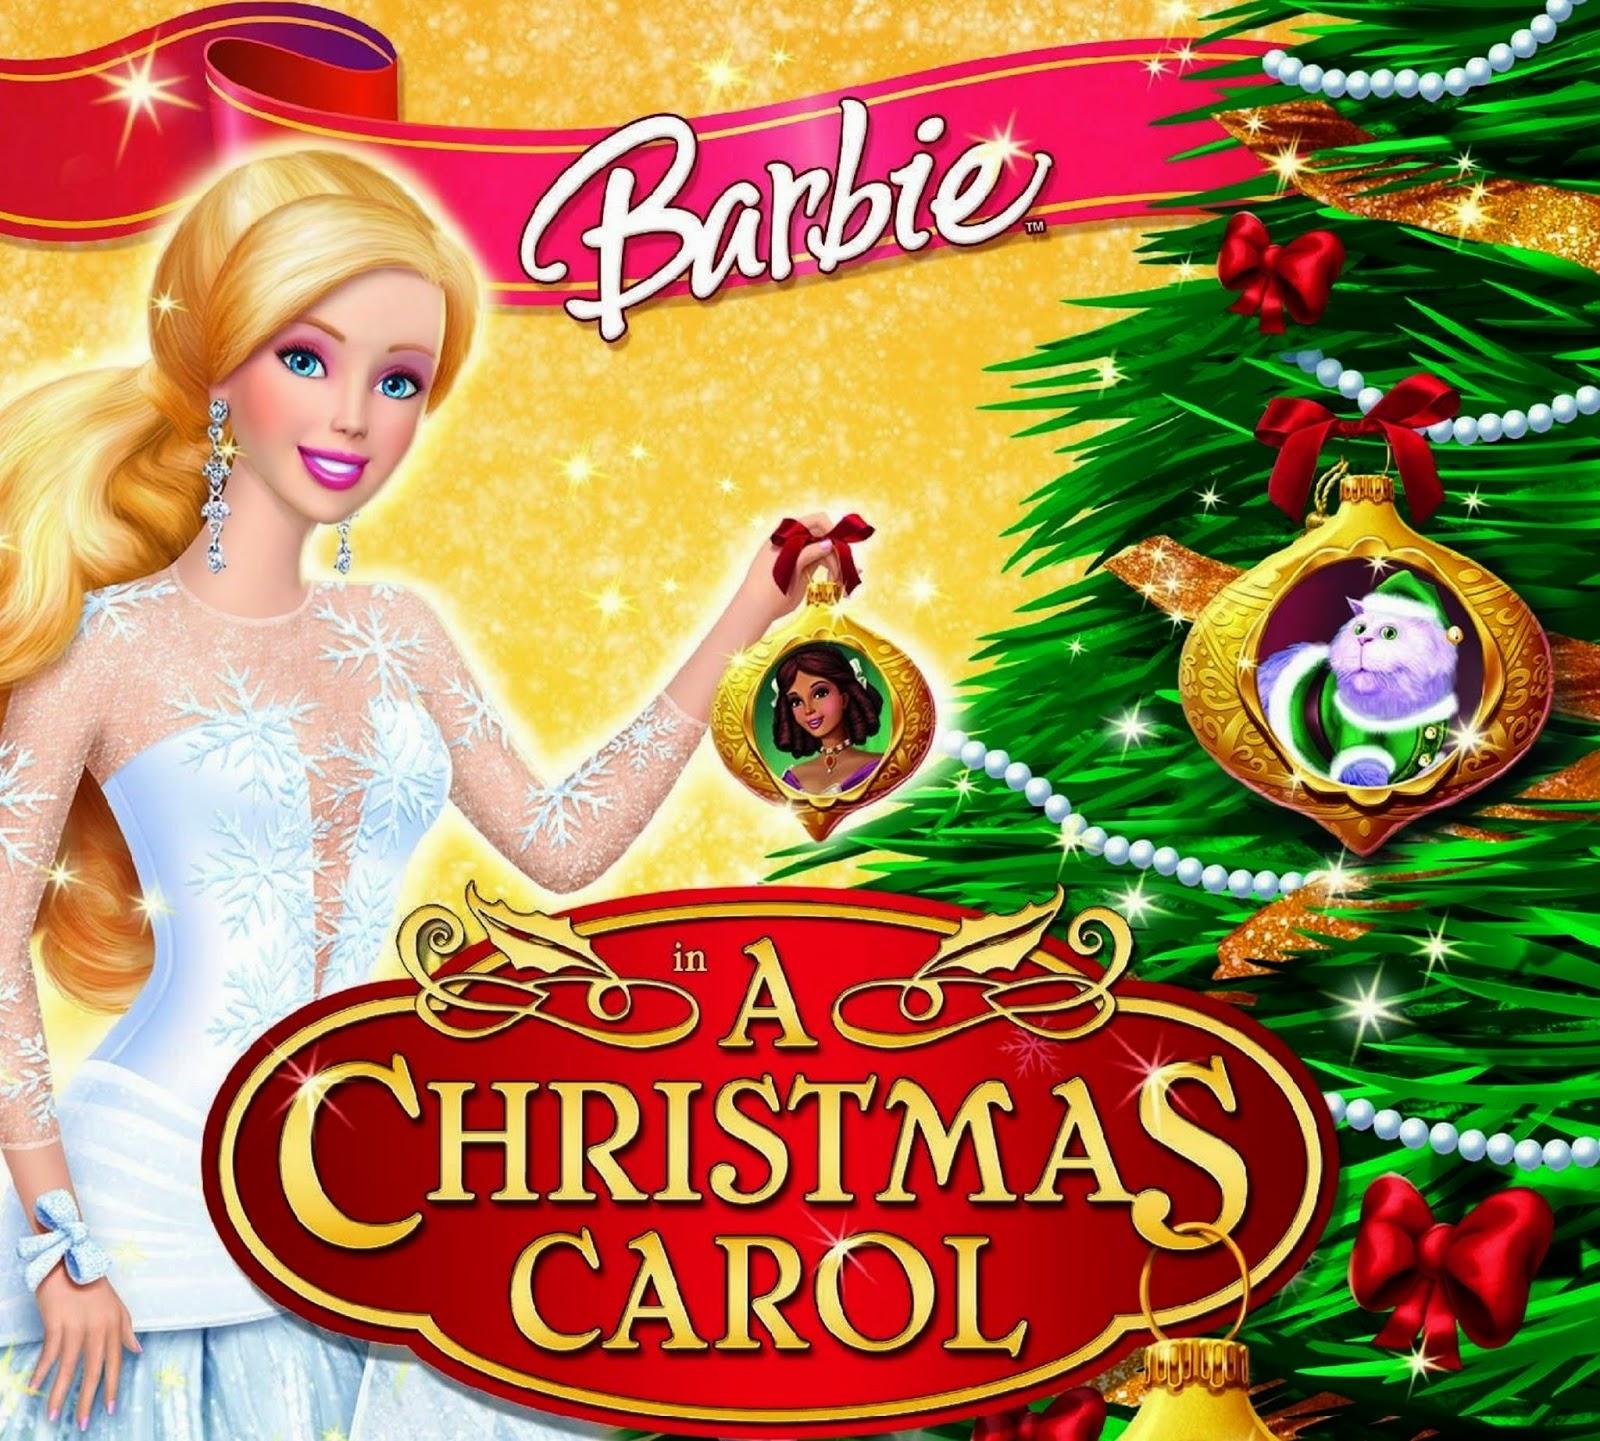 Barbie in a Christmas Carol (2008) Movie Online - Barbie Watch Online Movies